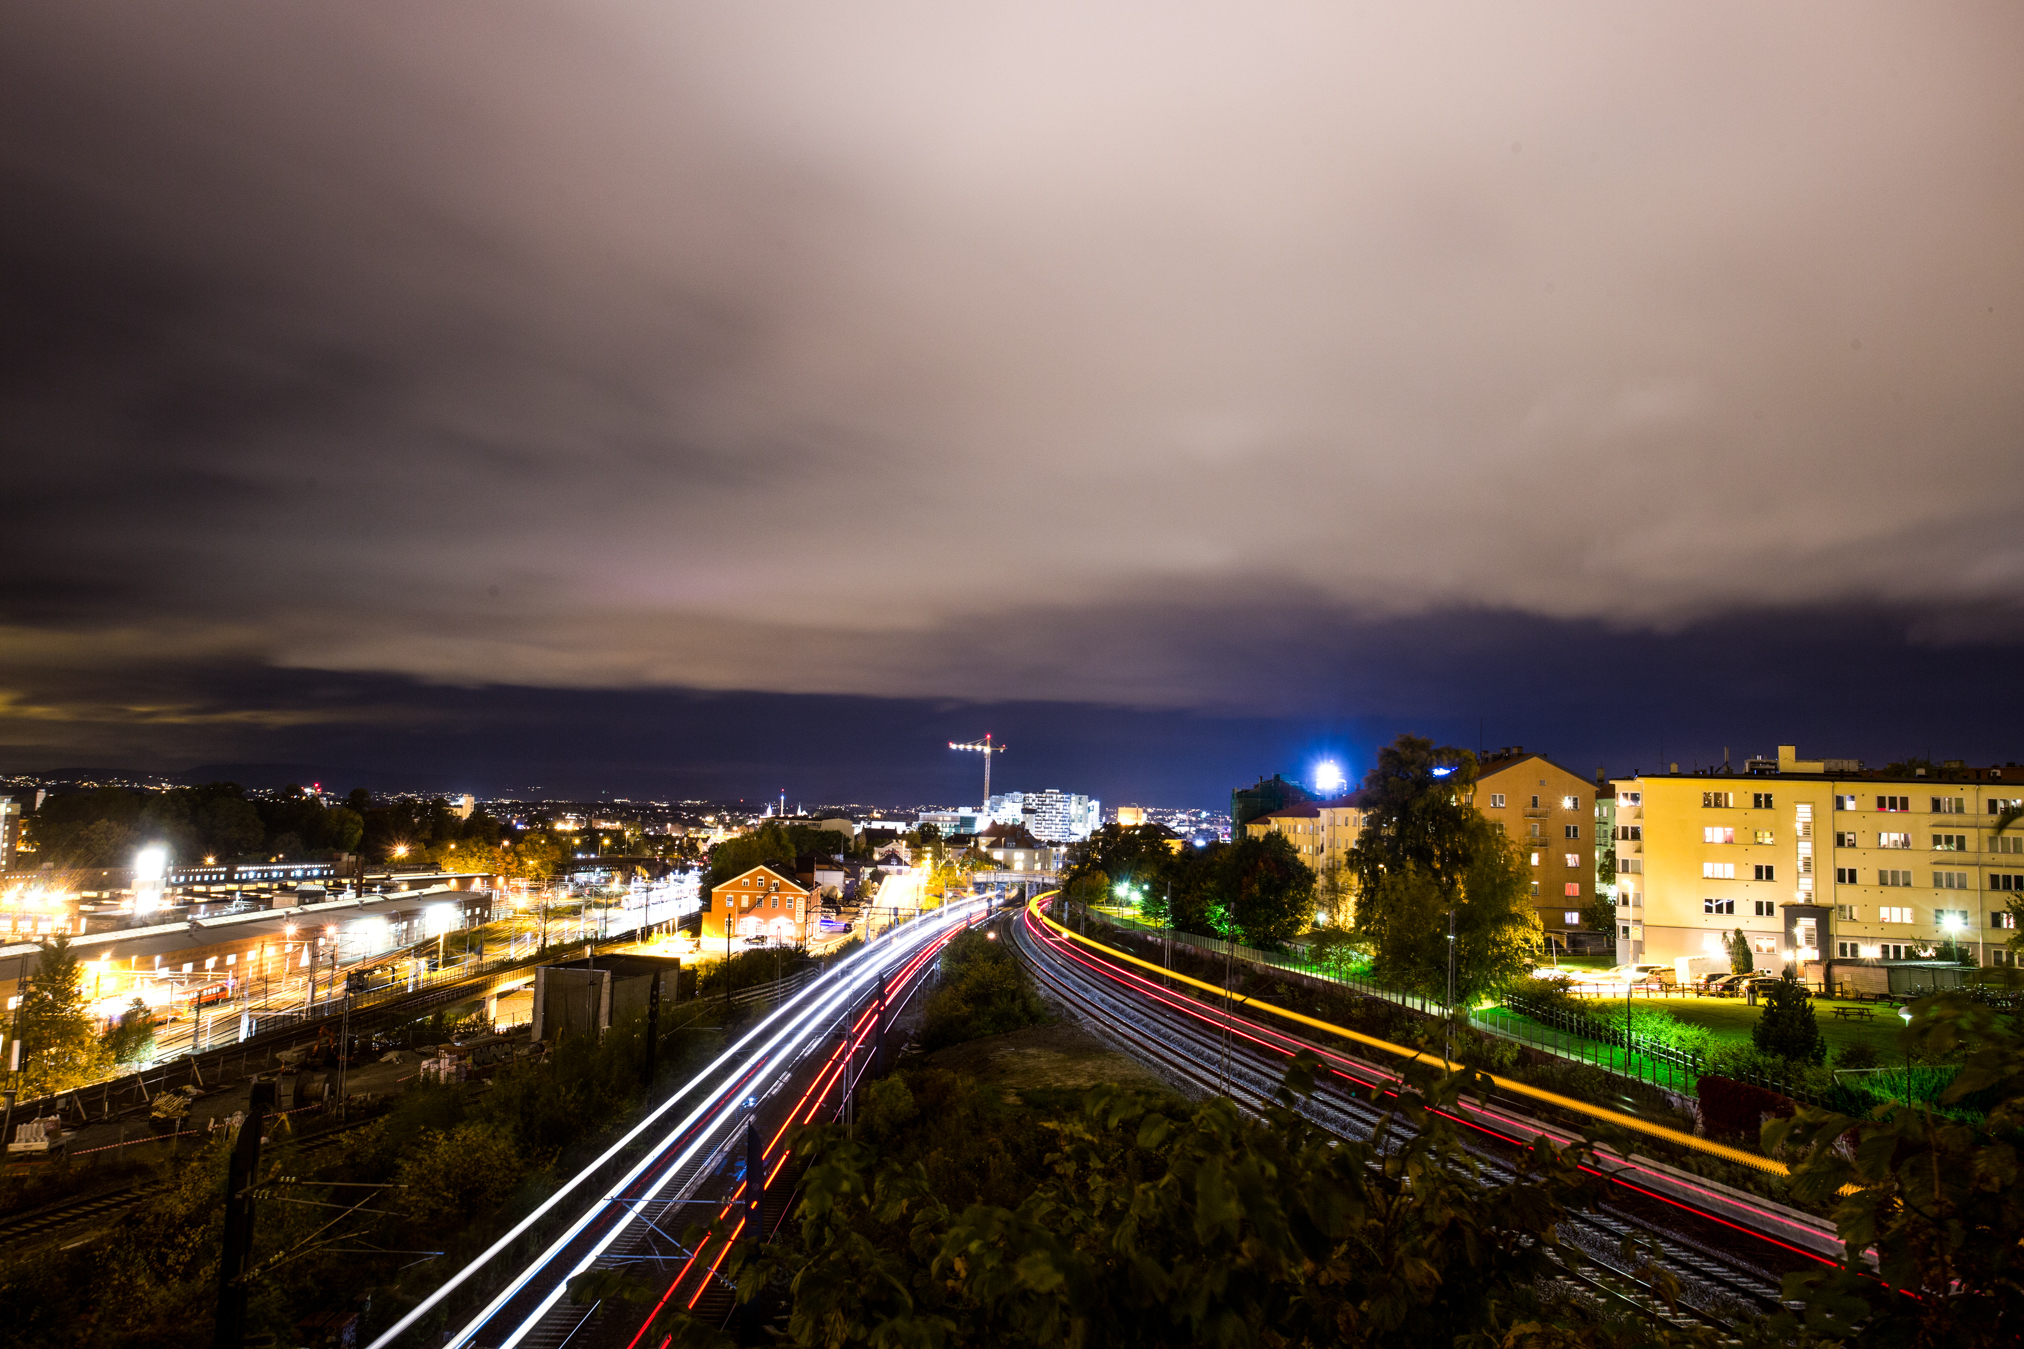 061015_fausko_oslo_gamlebyen_inkommendetog_e6_kværnerbyen_cityscape.jpg